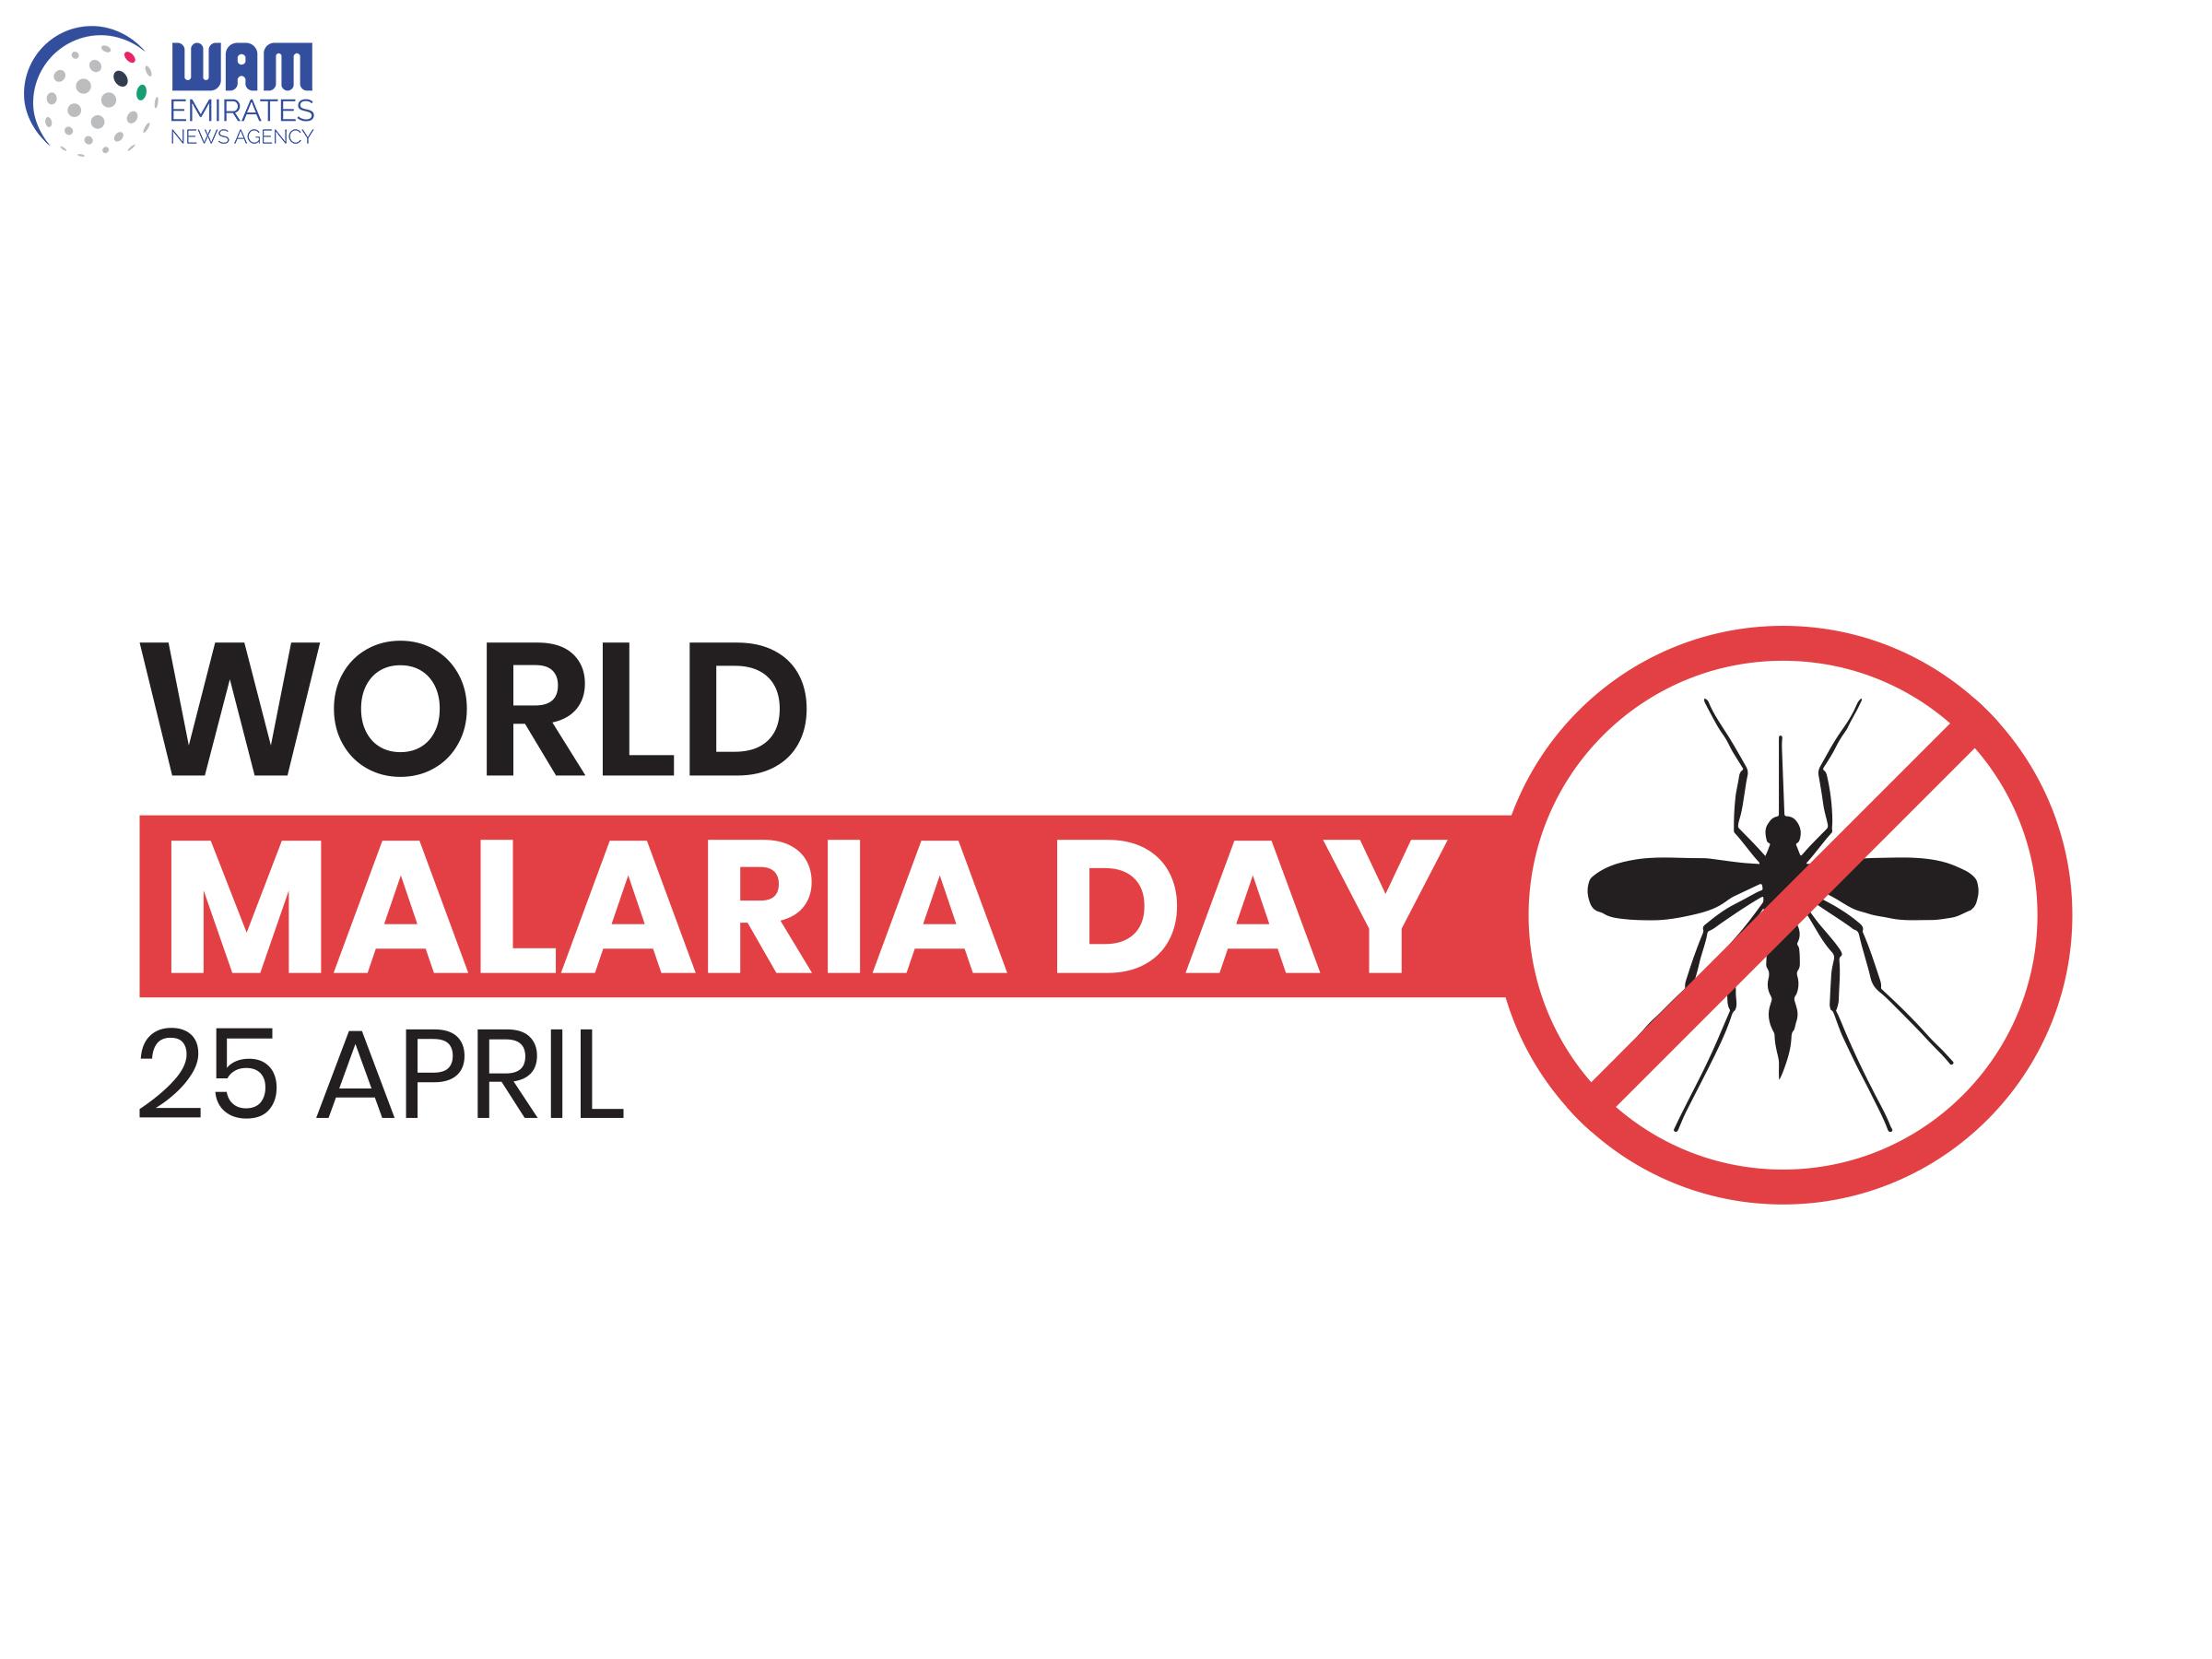 阿联酋支持到2030年将全球疟疾发病率和死亡率降低至少90%的努力